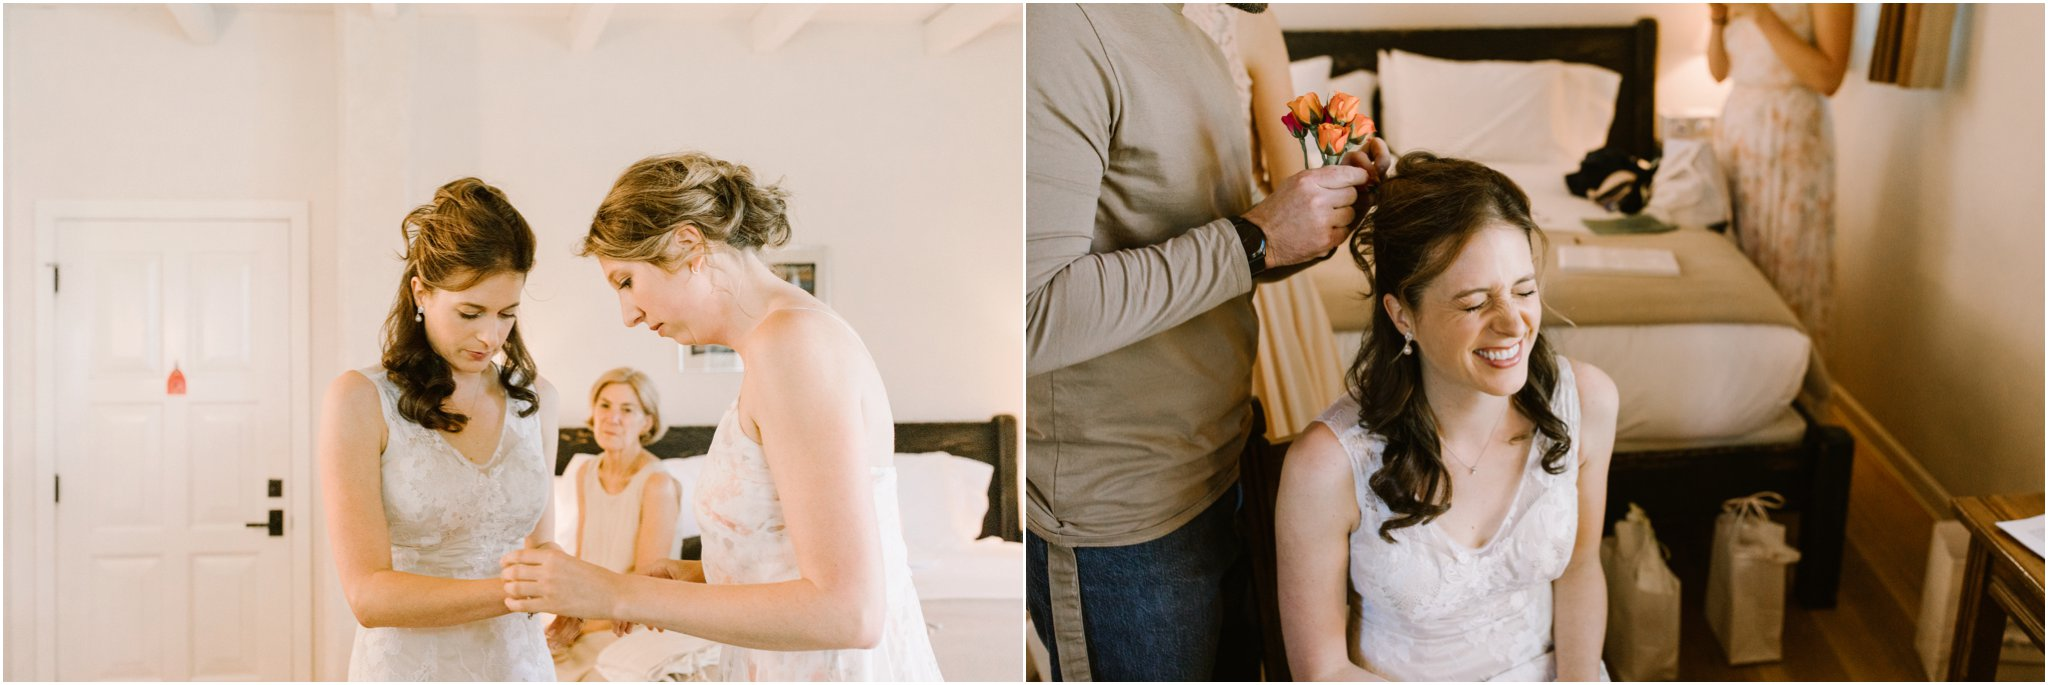 0249Los Poblanos Weddings Blue Rose Photography Studios